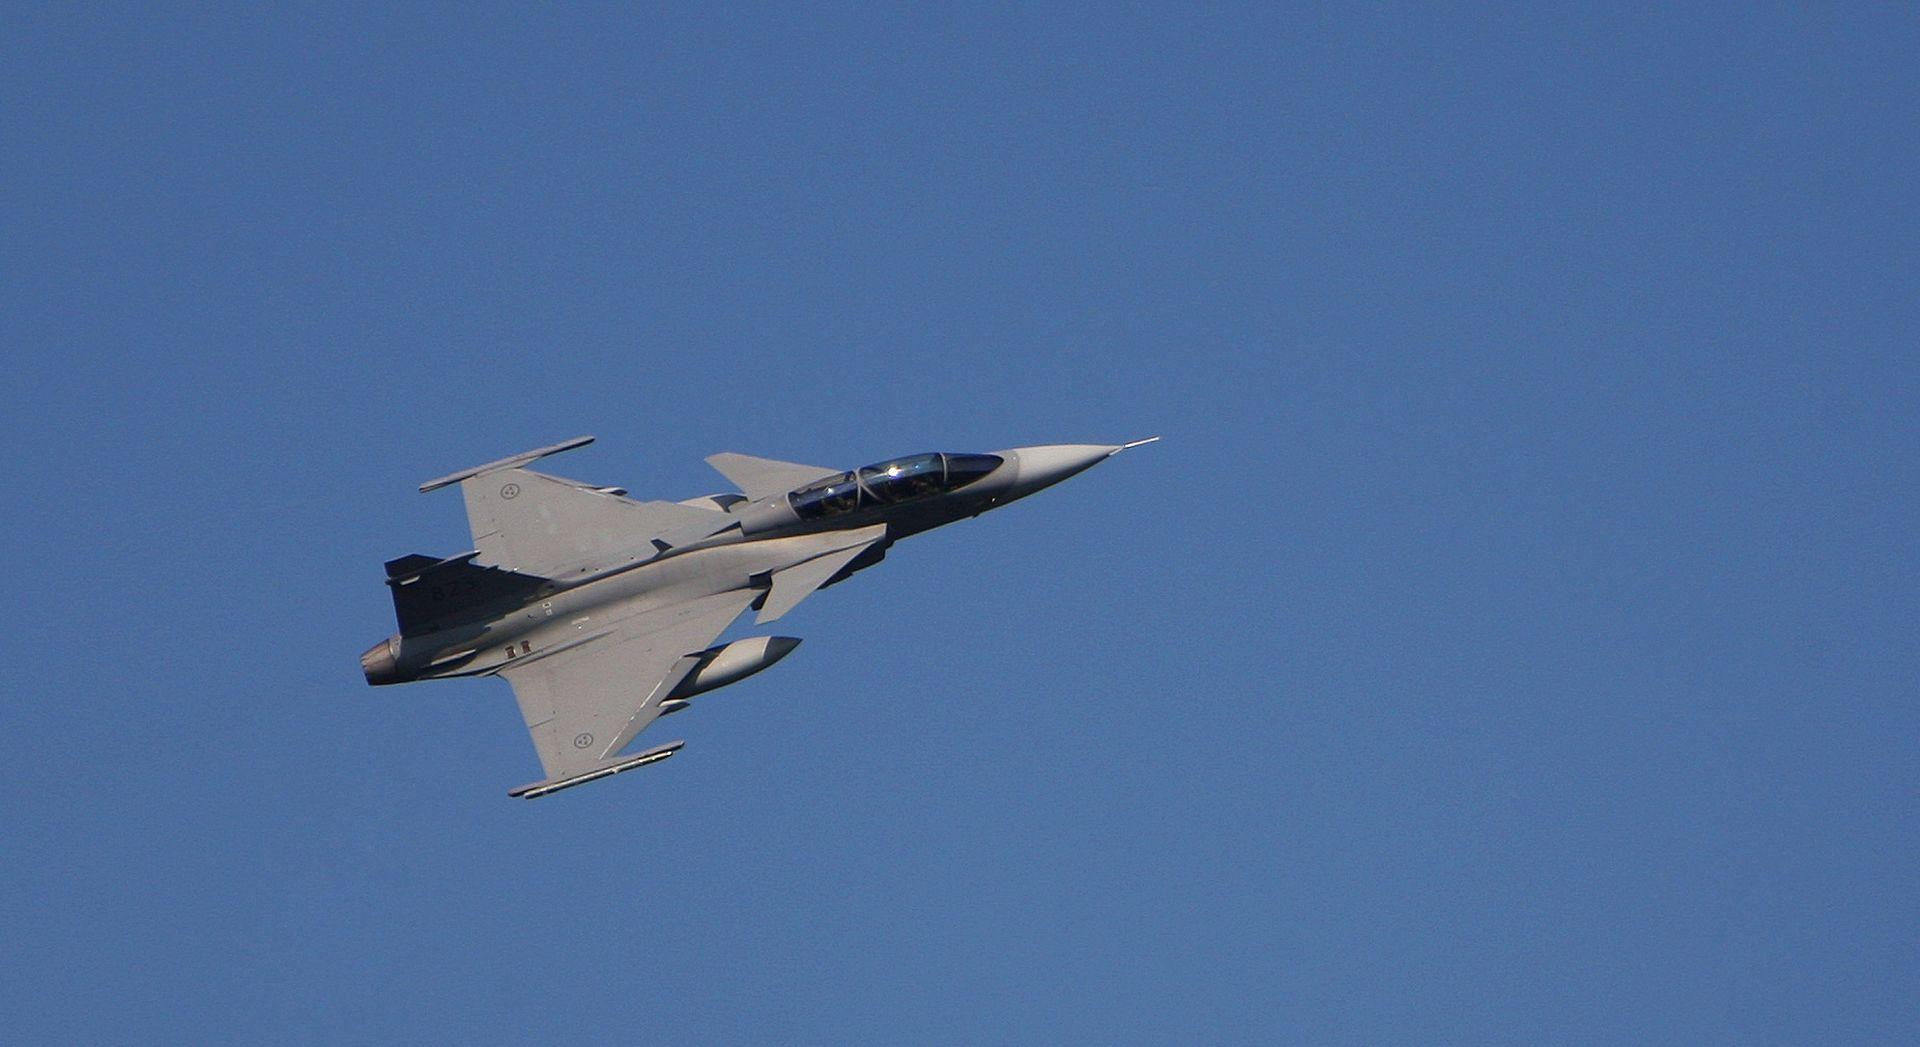 NAKON GODINA ODGAĐANJA: SAD će odobriti prodaju borbenih zrakoplova Kataru i Kuvajtu